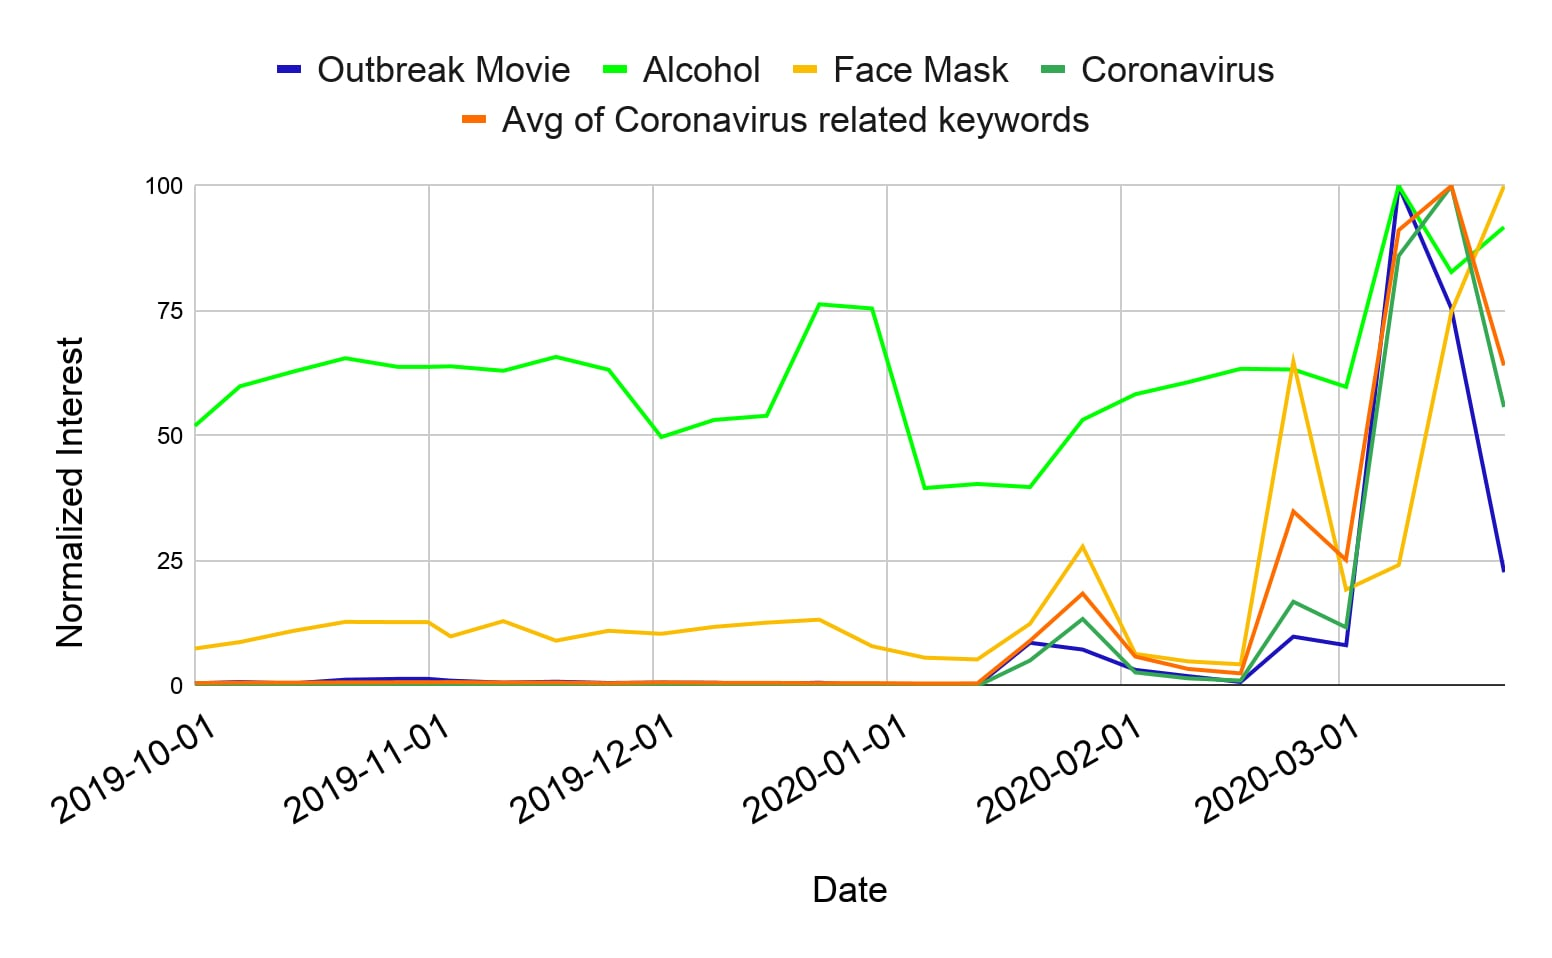 図1. コロナウイルス関連の語句の検索傾向